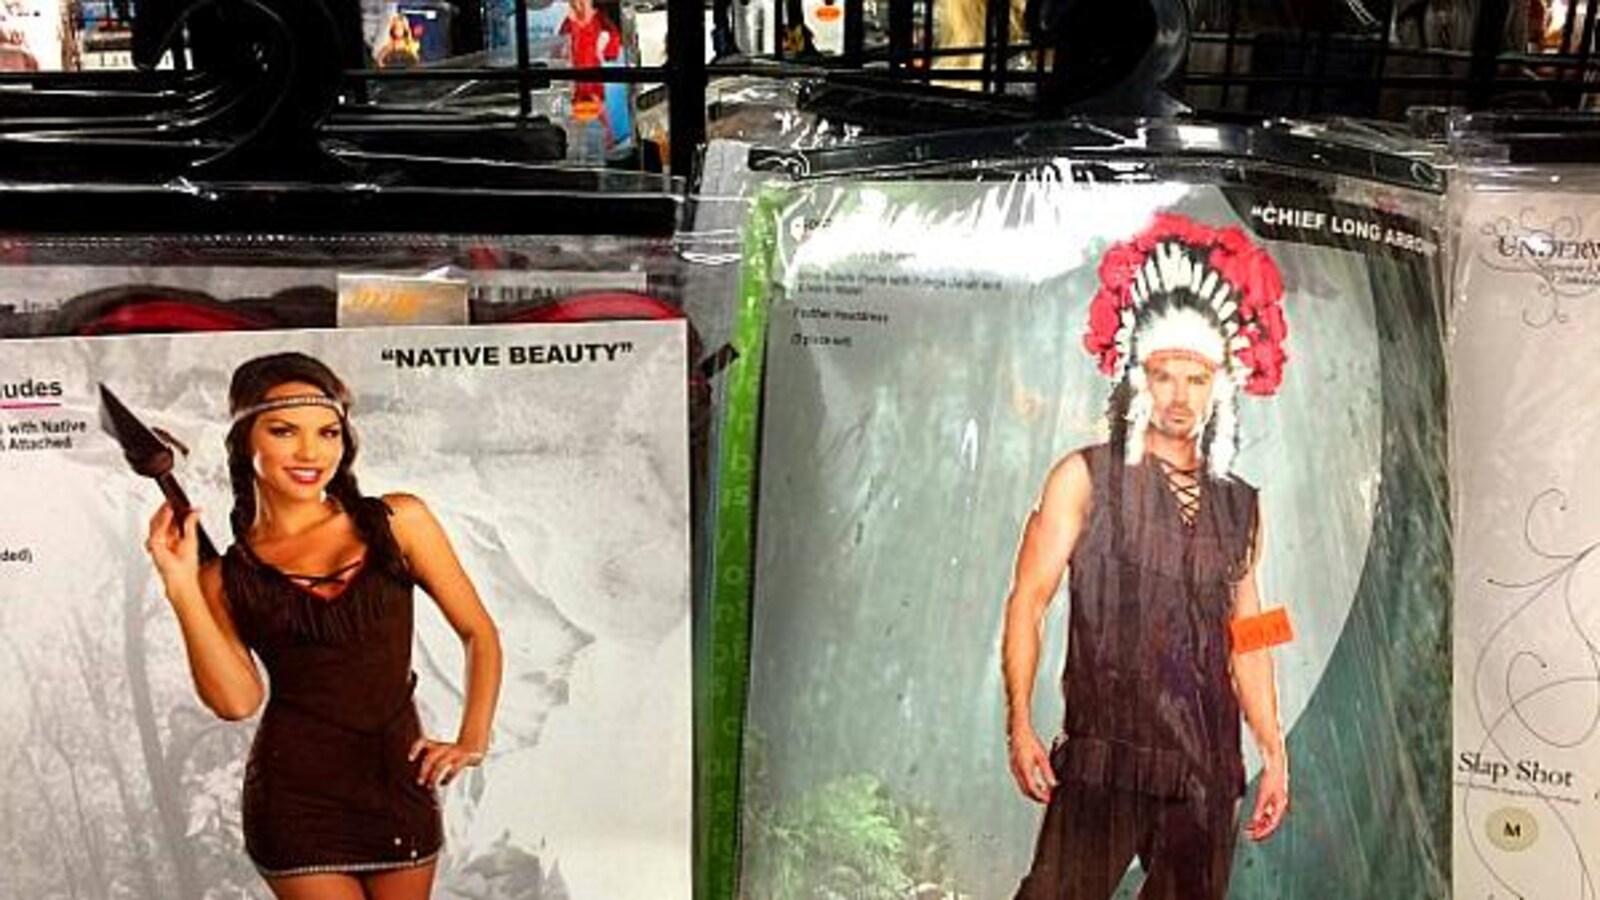 Des costumes d'Halloween illustrant l'appropriation culturelle, fort différente de l'échange culturel.